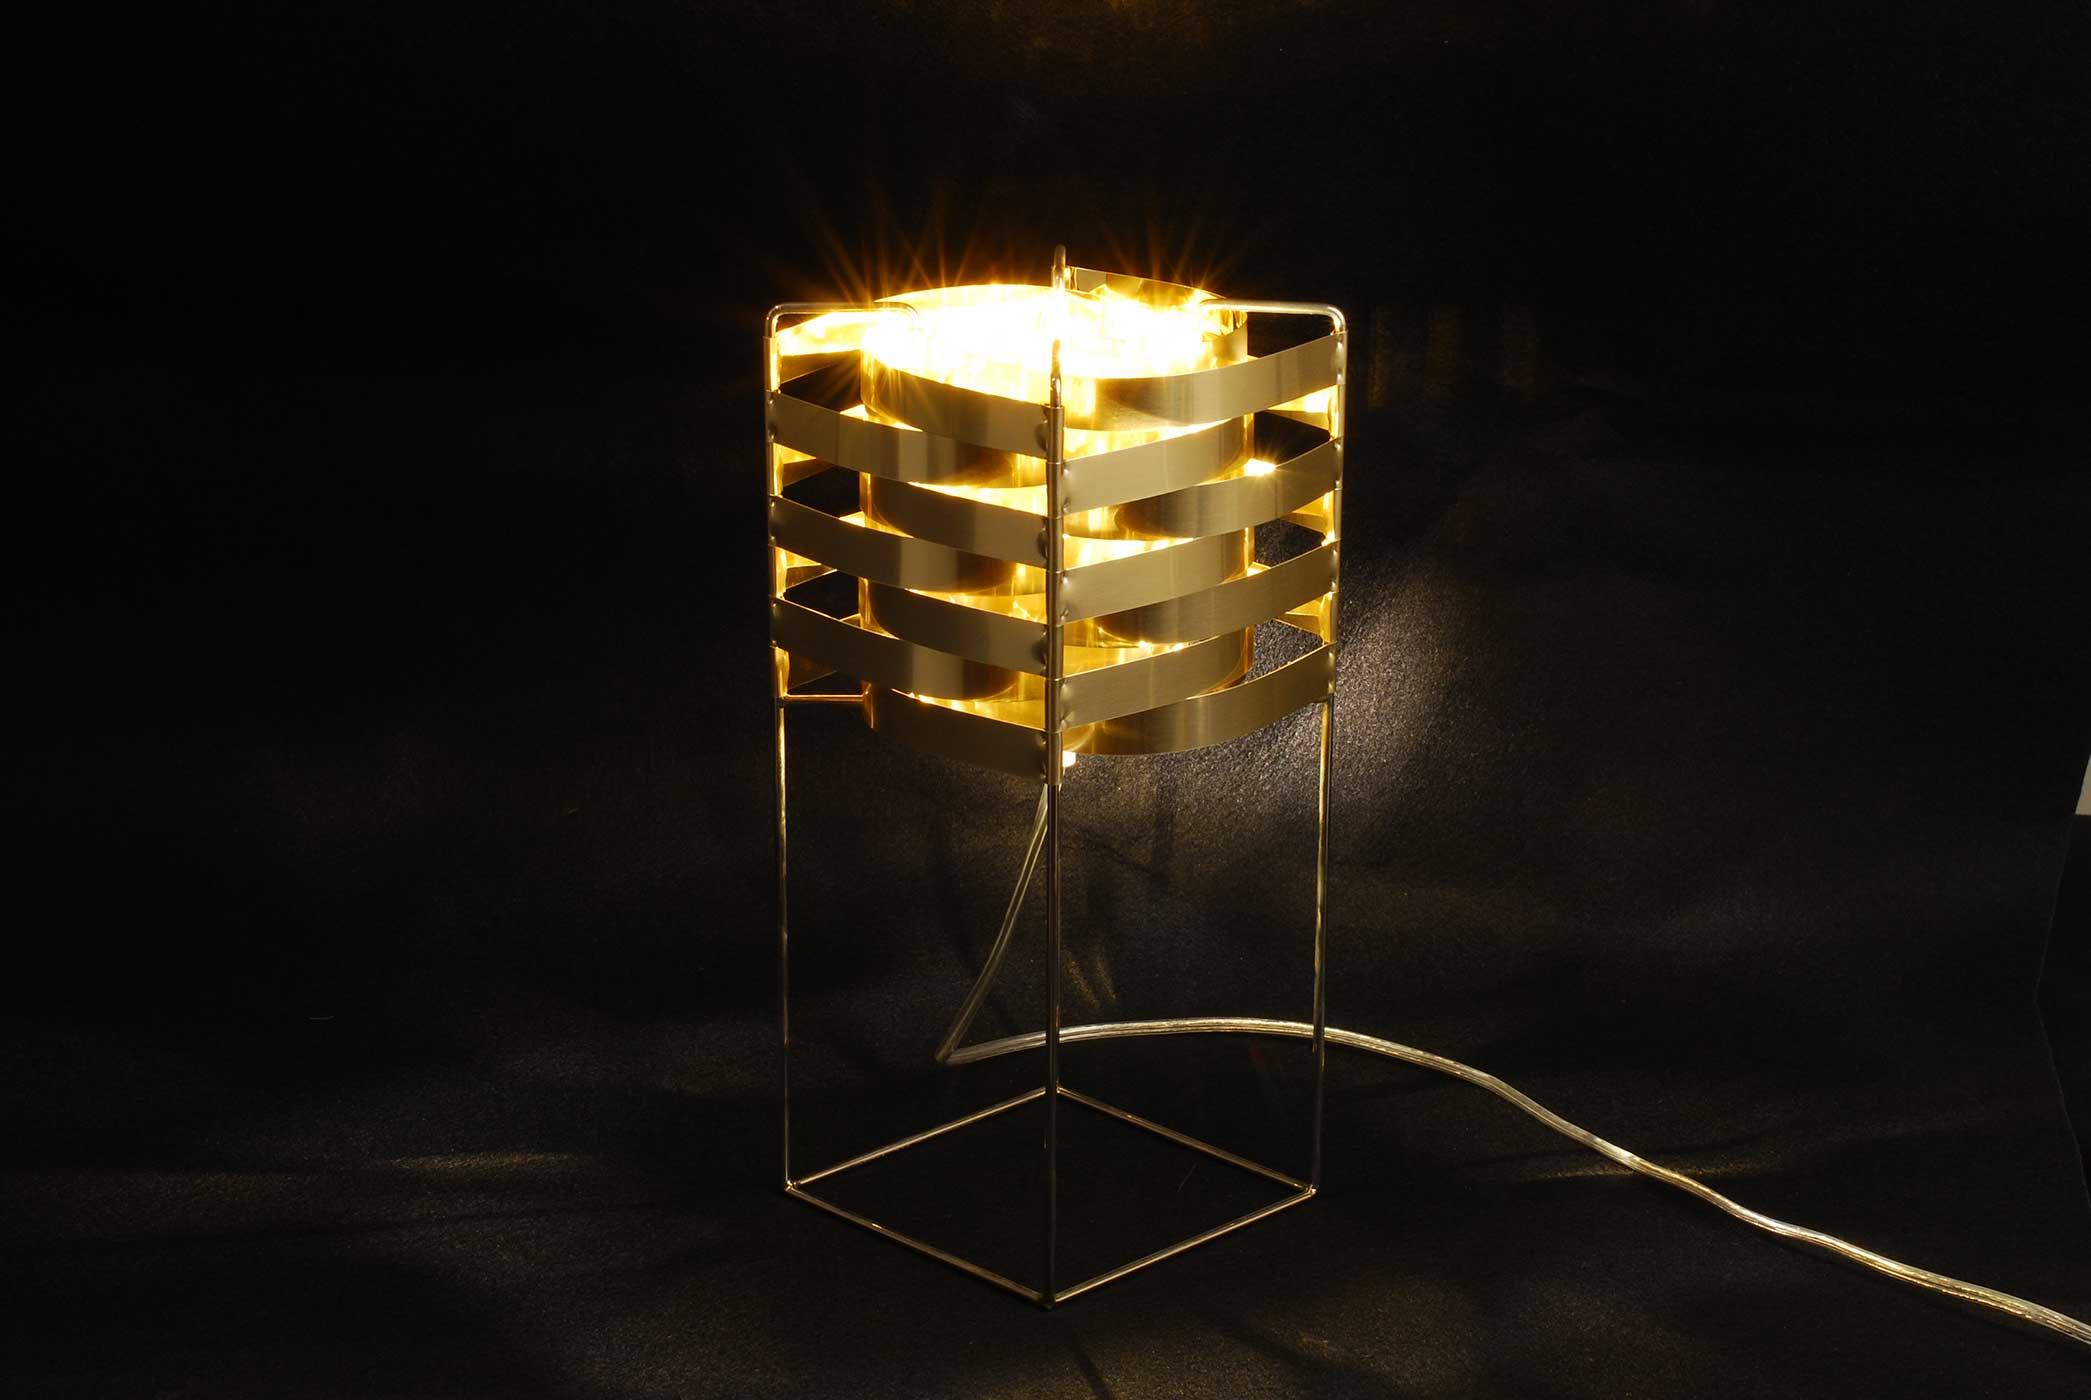 Ganymede 32 Gold  5 Superbe Lampe or Kdj5